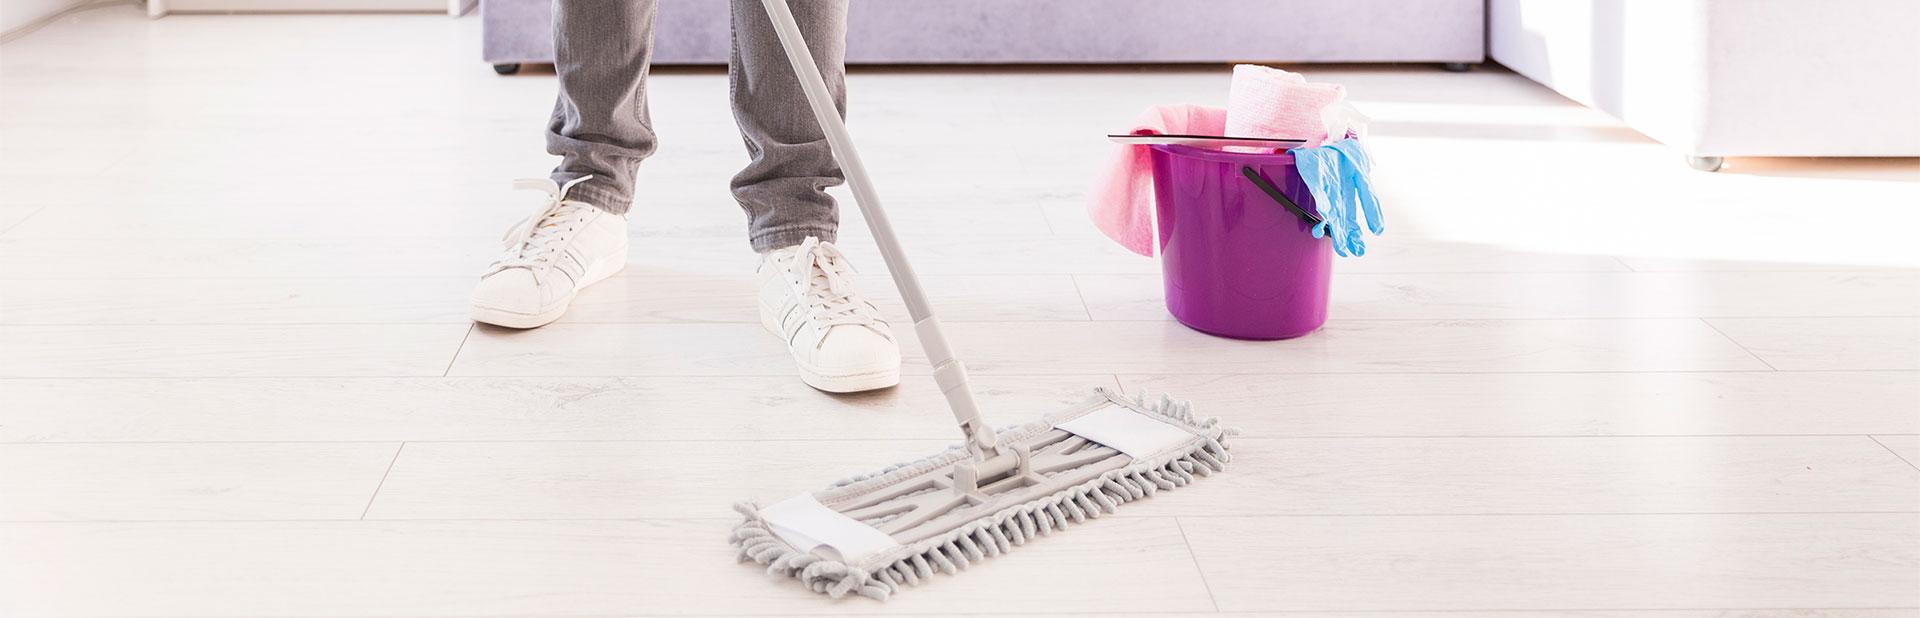 Entreprise de nettoyage et entretien de maison et bureaux au Bénin